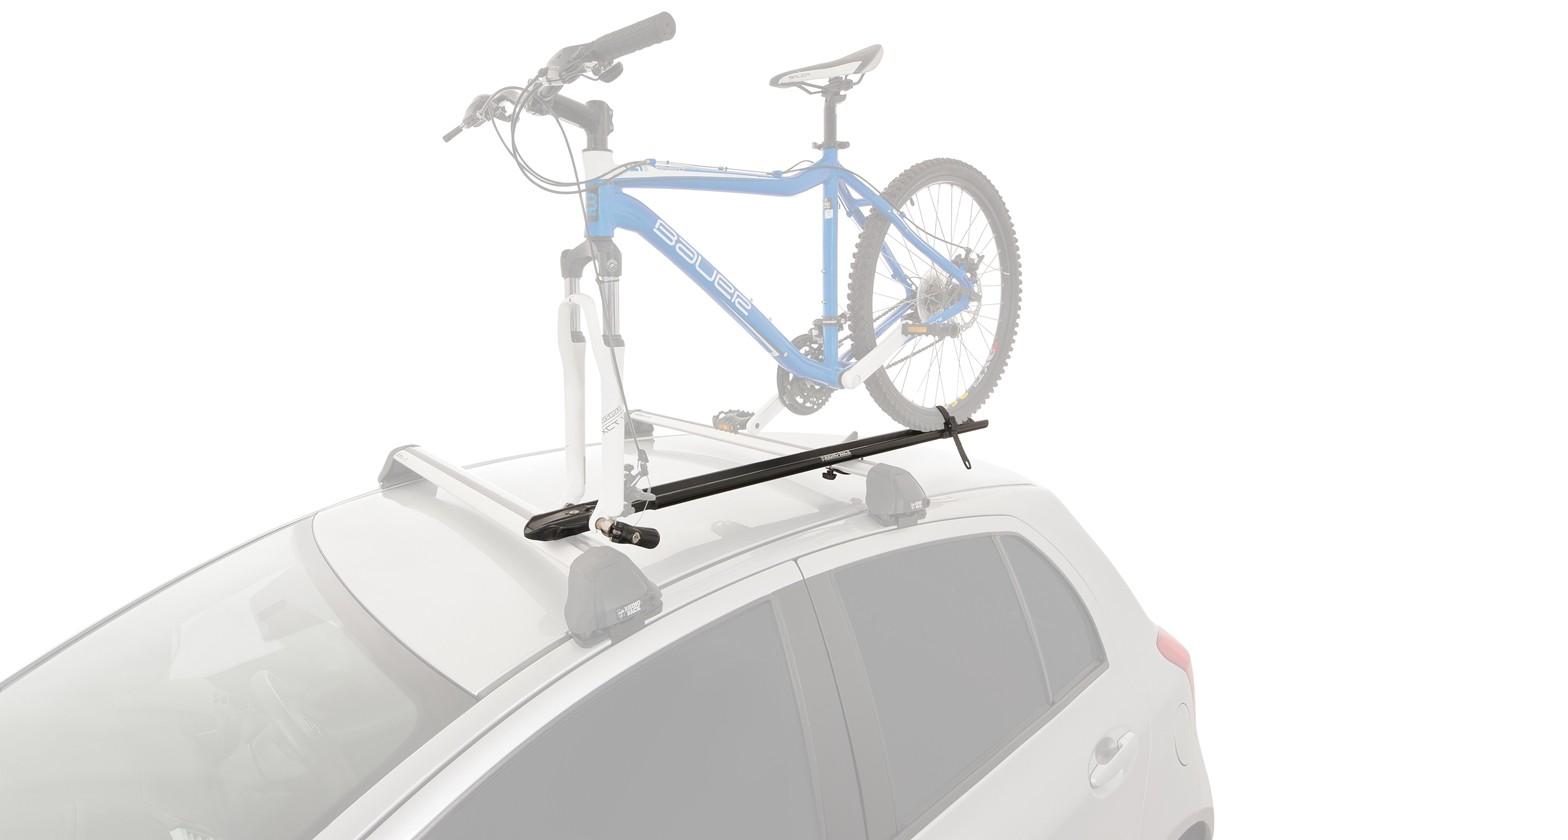 Rhino-Rack Road Warrior Bike Carrier